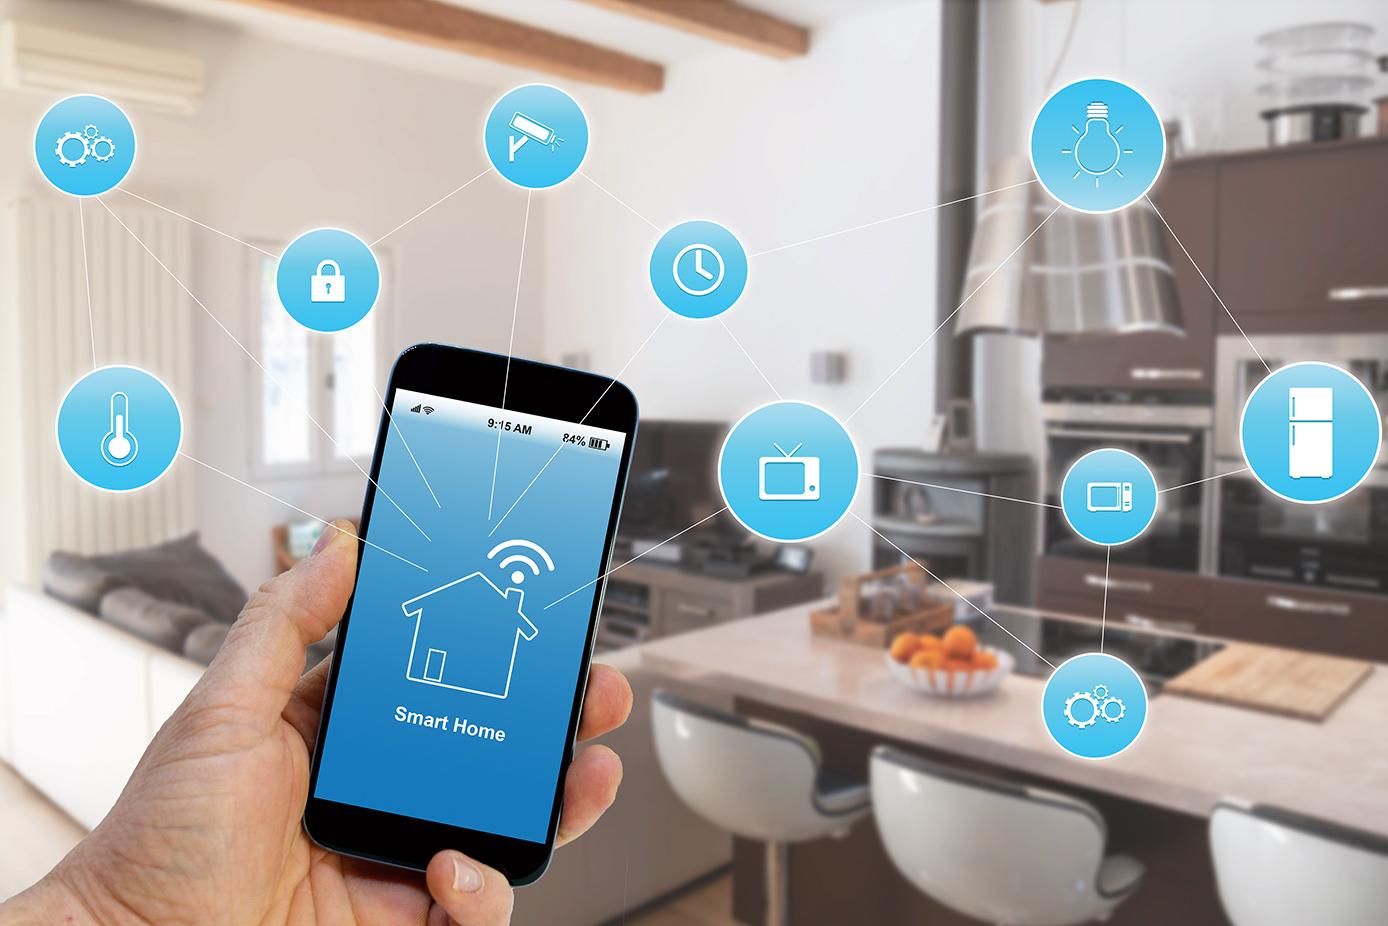 智能家居行业迎来新增长点,高通介绍5G毫米波解锁家居新应用